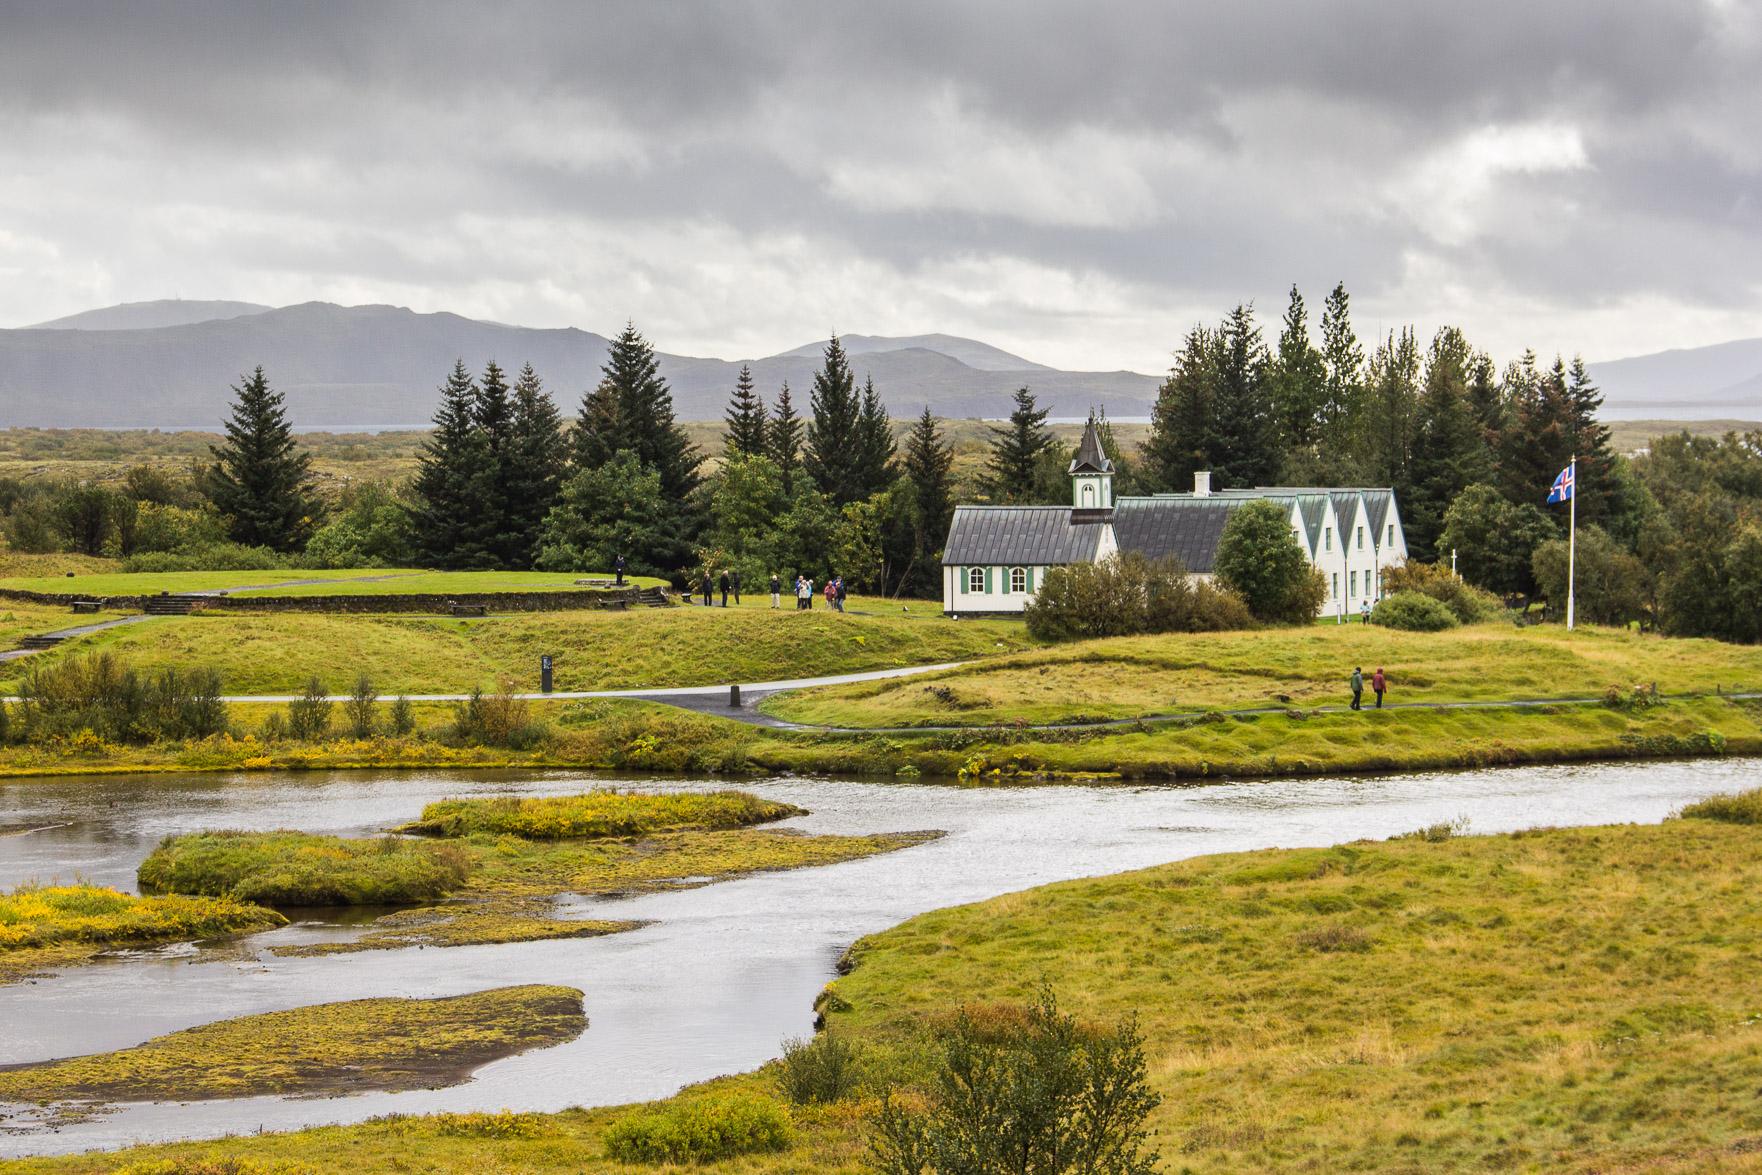 Maison d'été du premier ministre islandais à Þingvellir